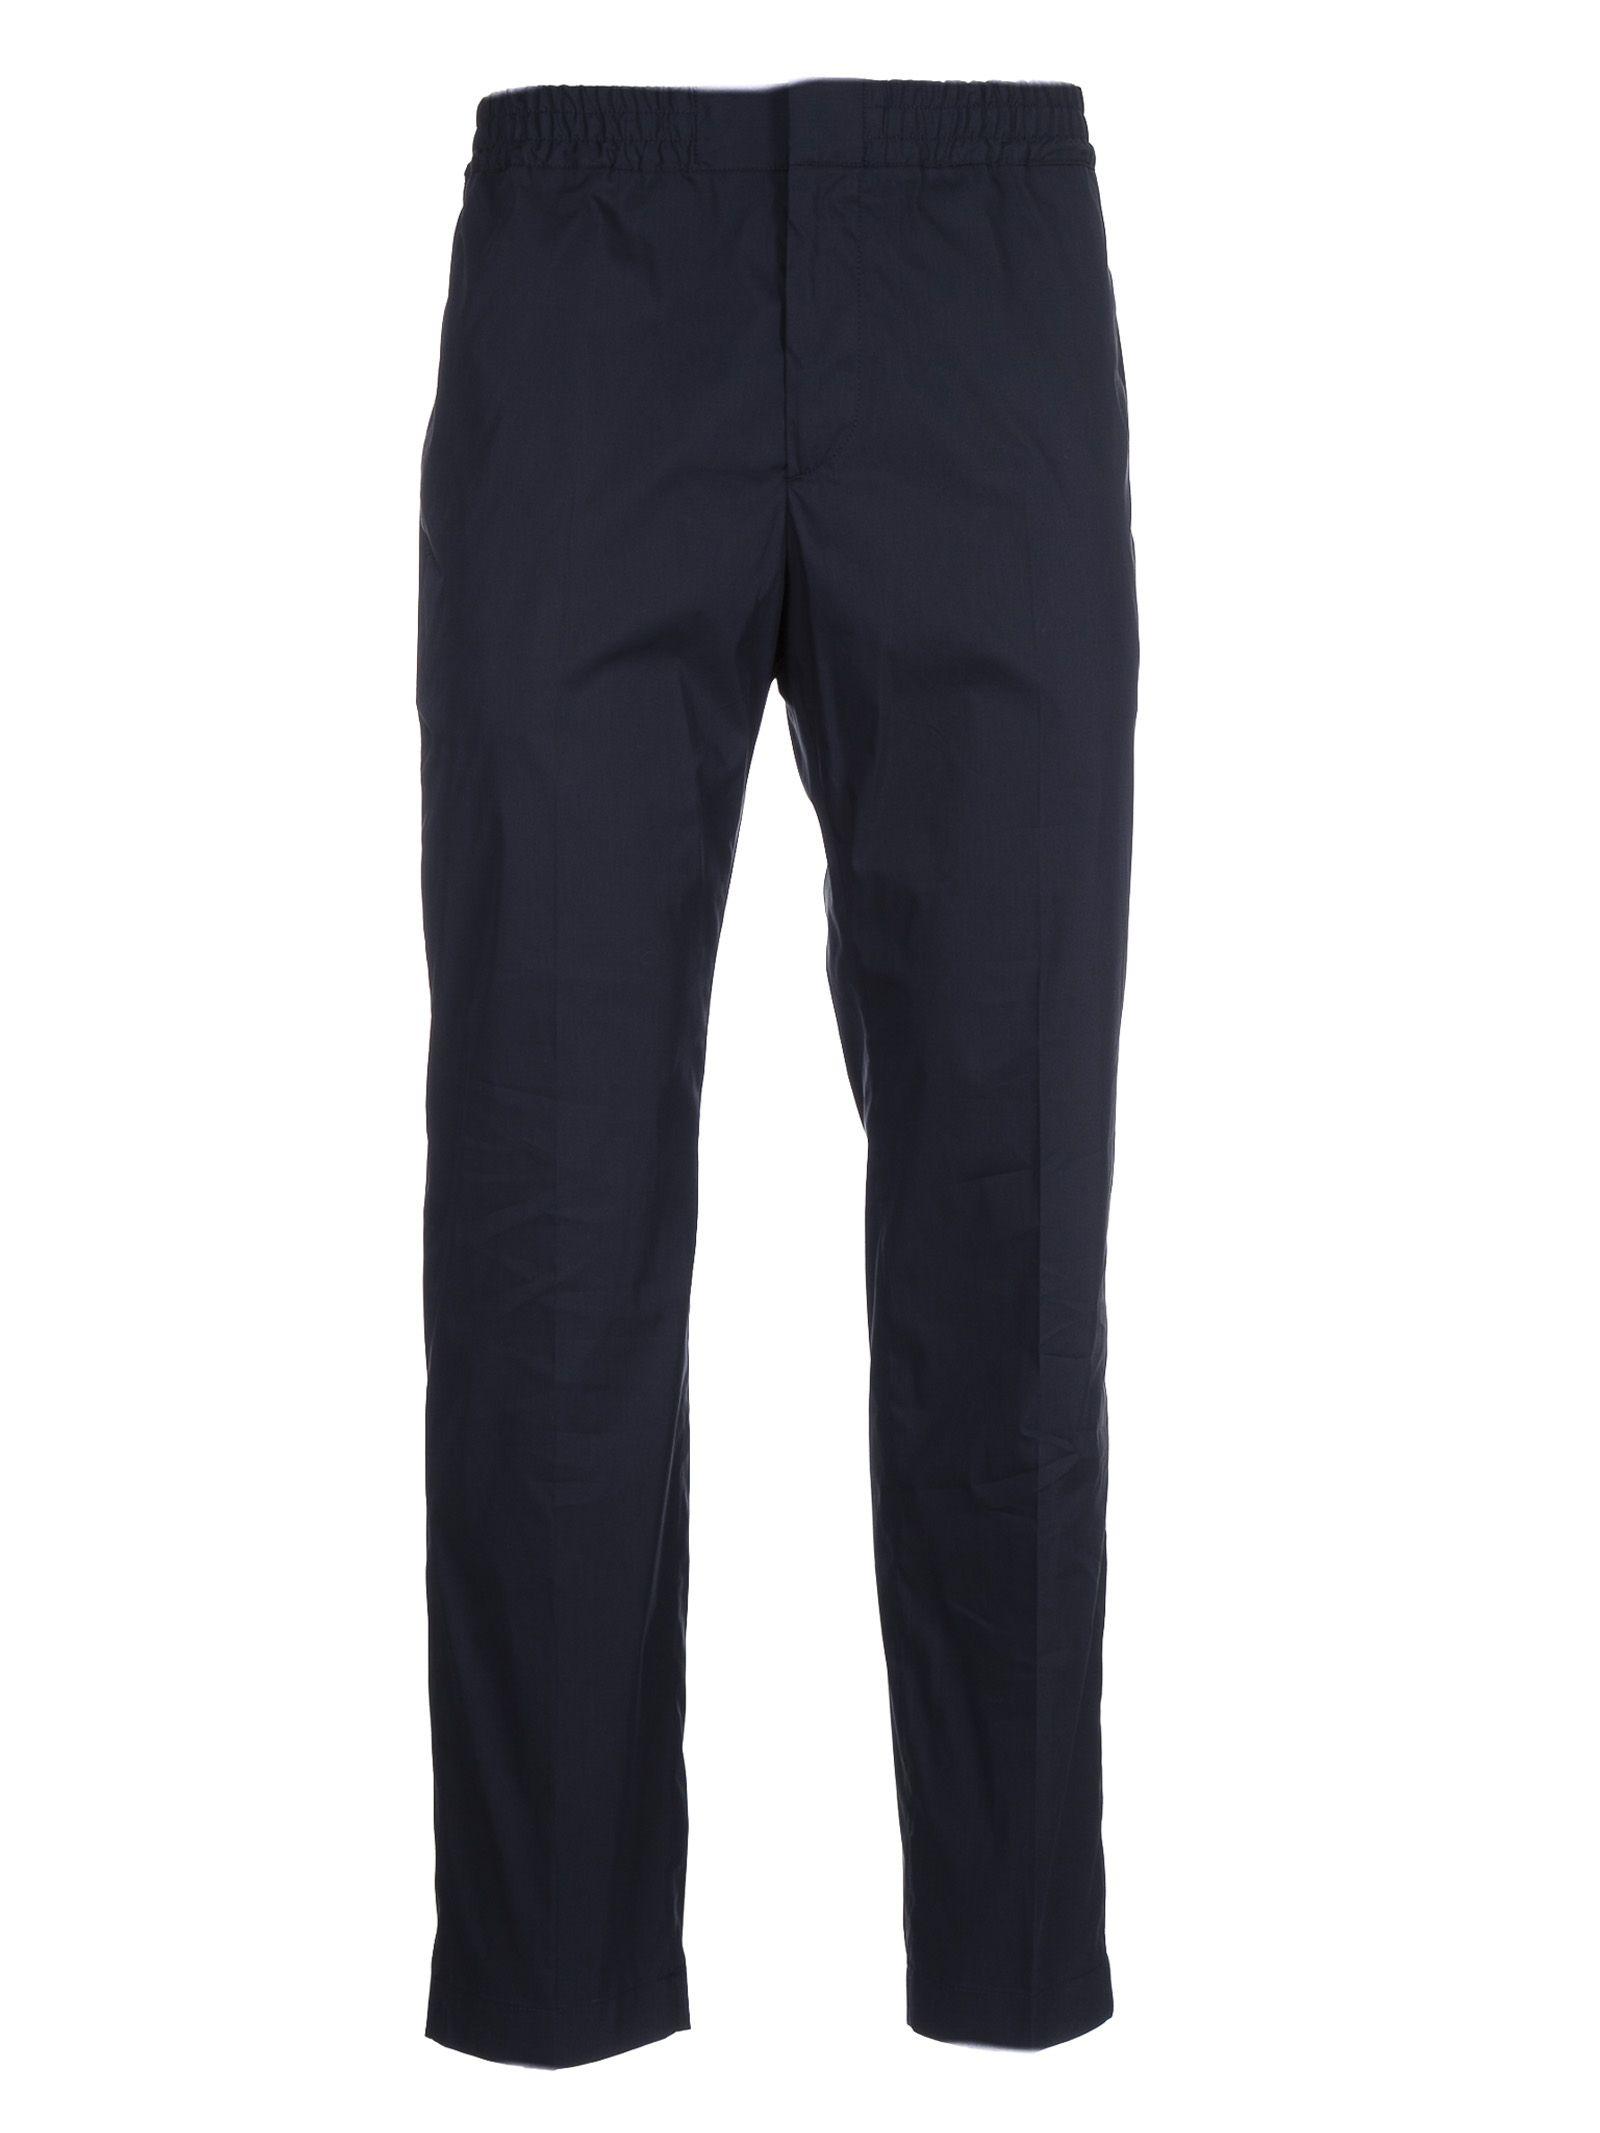 Msgm BLUE COTTON PANTS